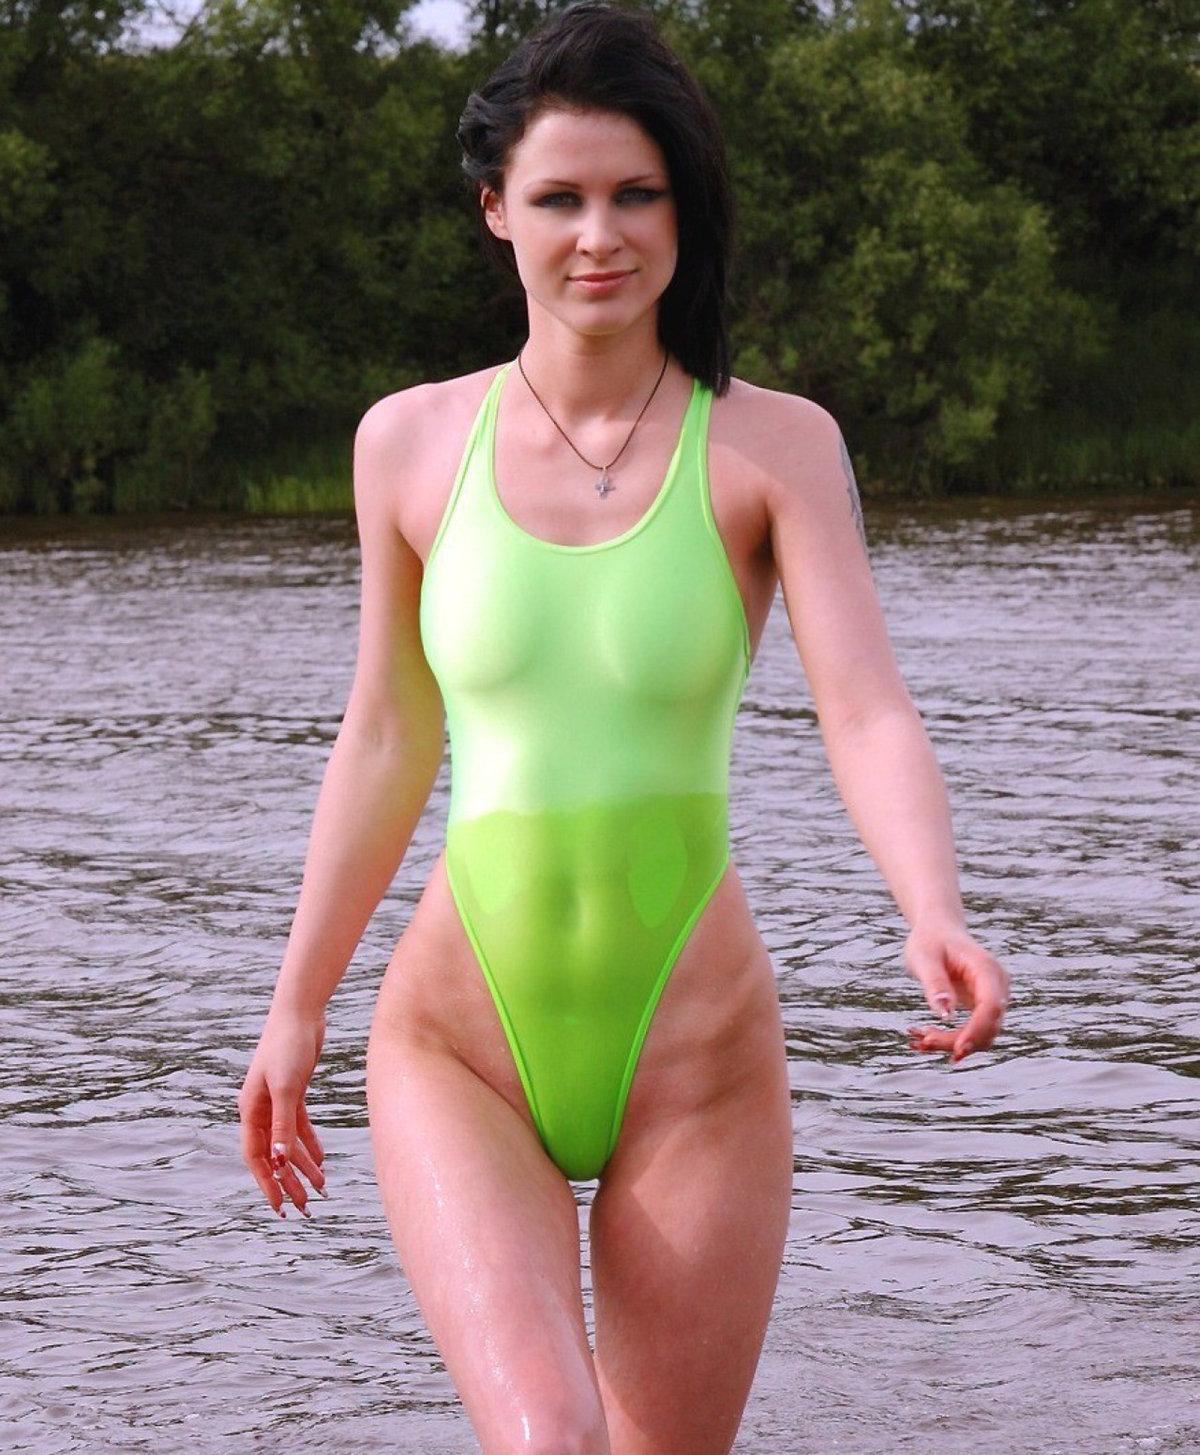 эротические фото в закрытых купальниках